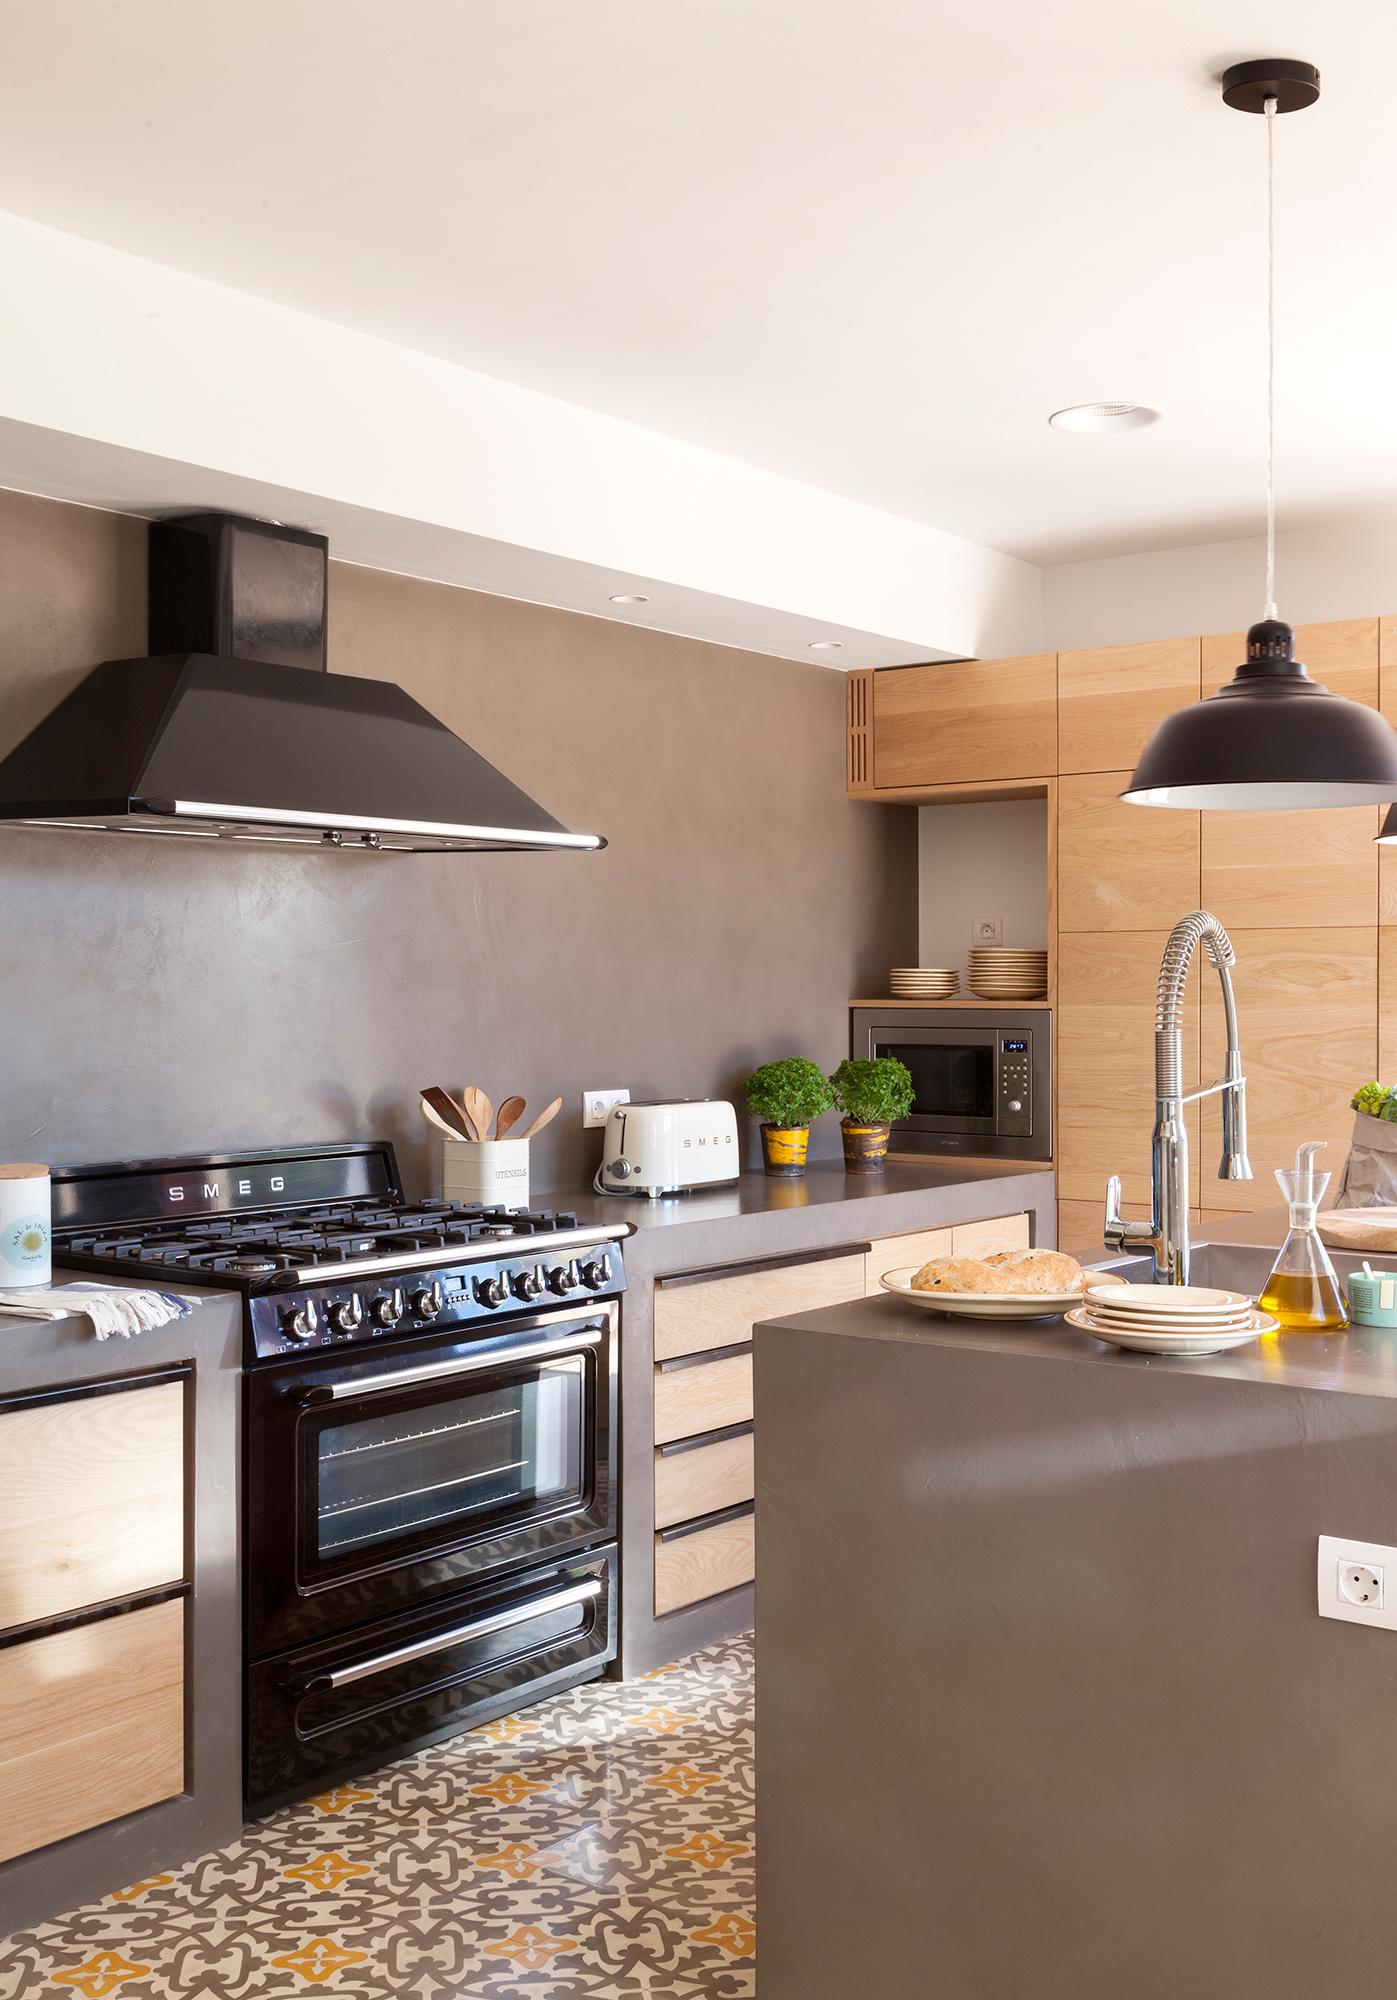 Renueva la zona de fuegos campana horno y placa de cocci n - Colores para cocina ...